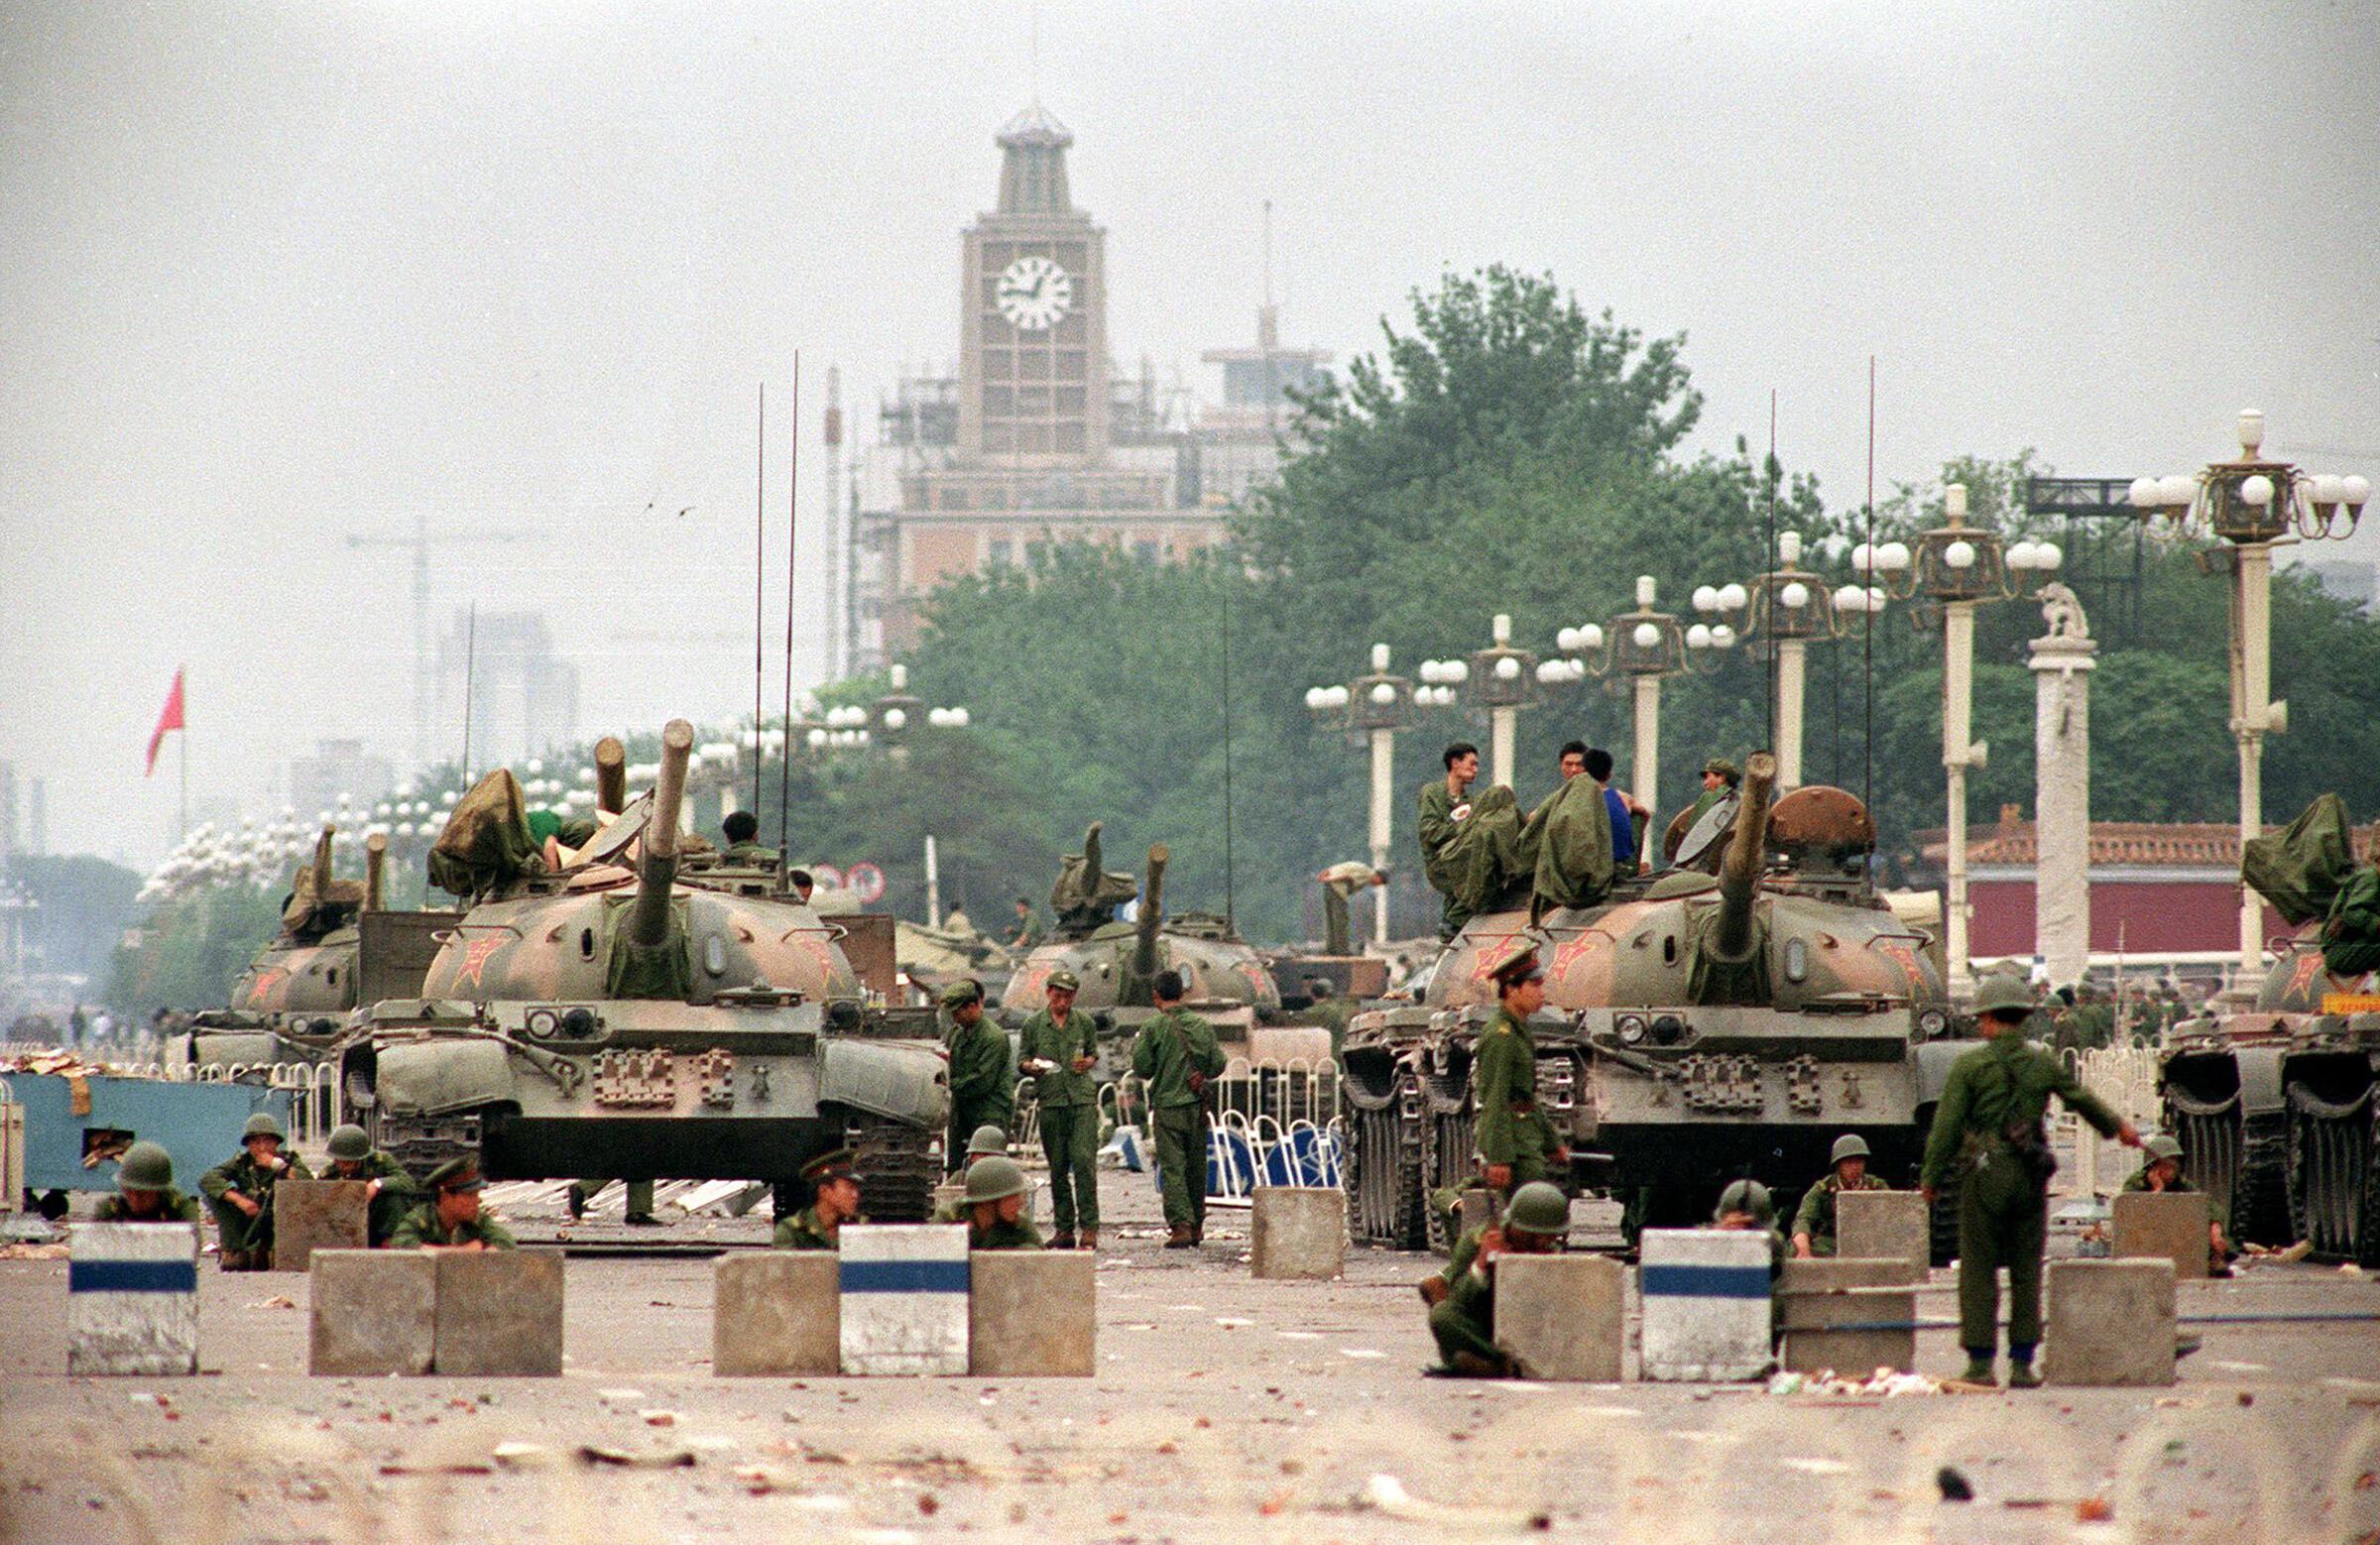 Tanques y soldados en la avenida Chang'an que lleva a la plaza de Tiananmen, el 6 de junio de 1989.